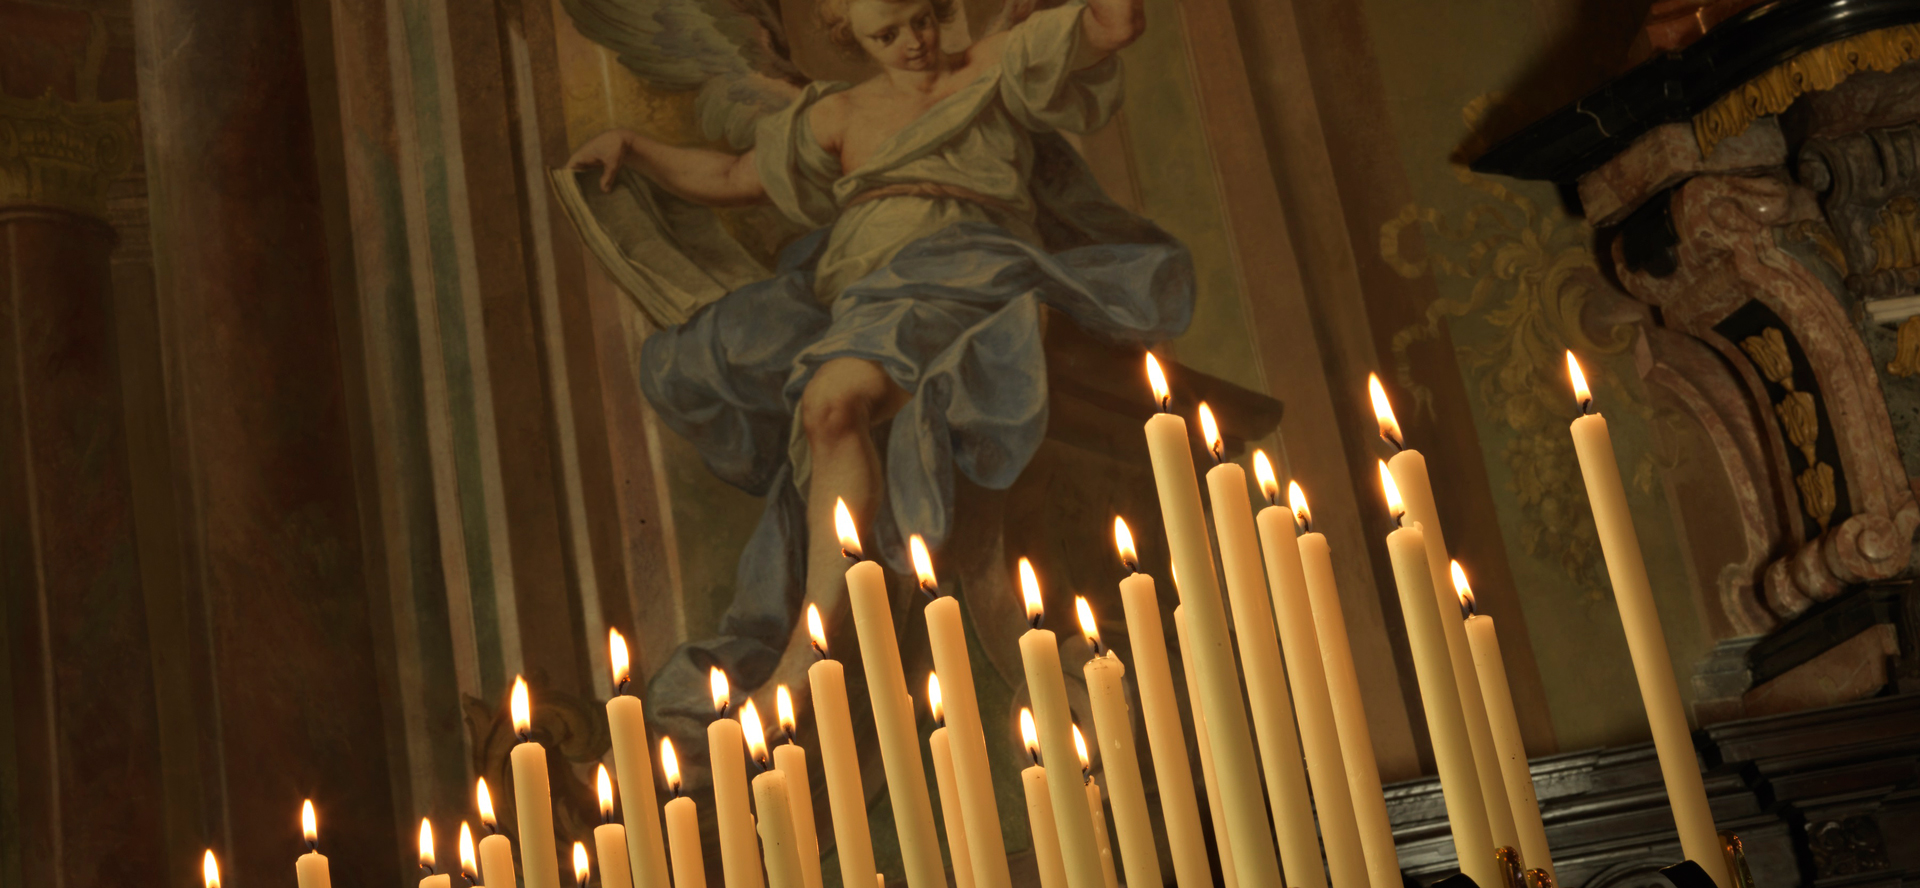 La storia della candela